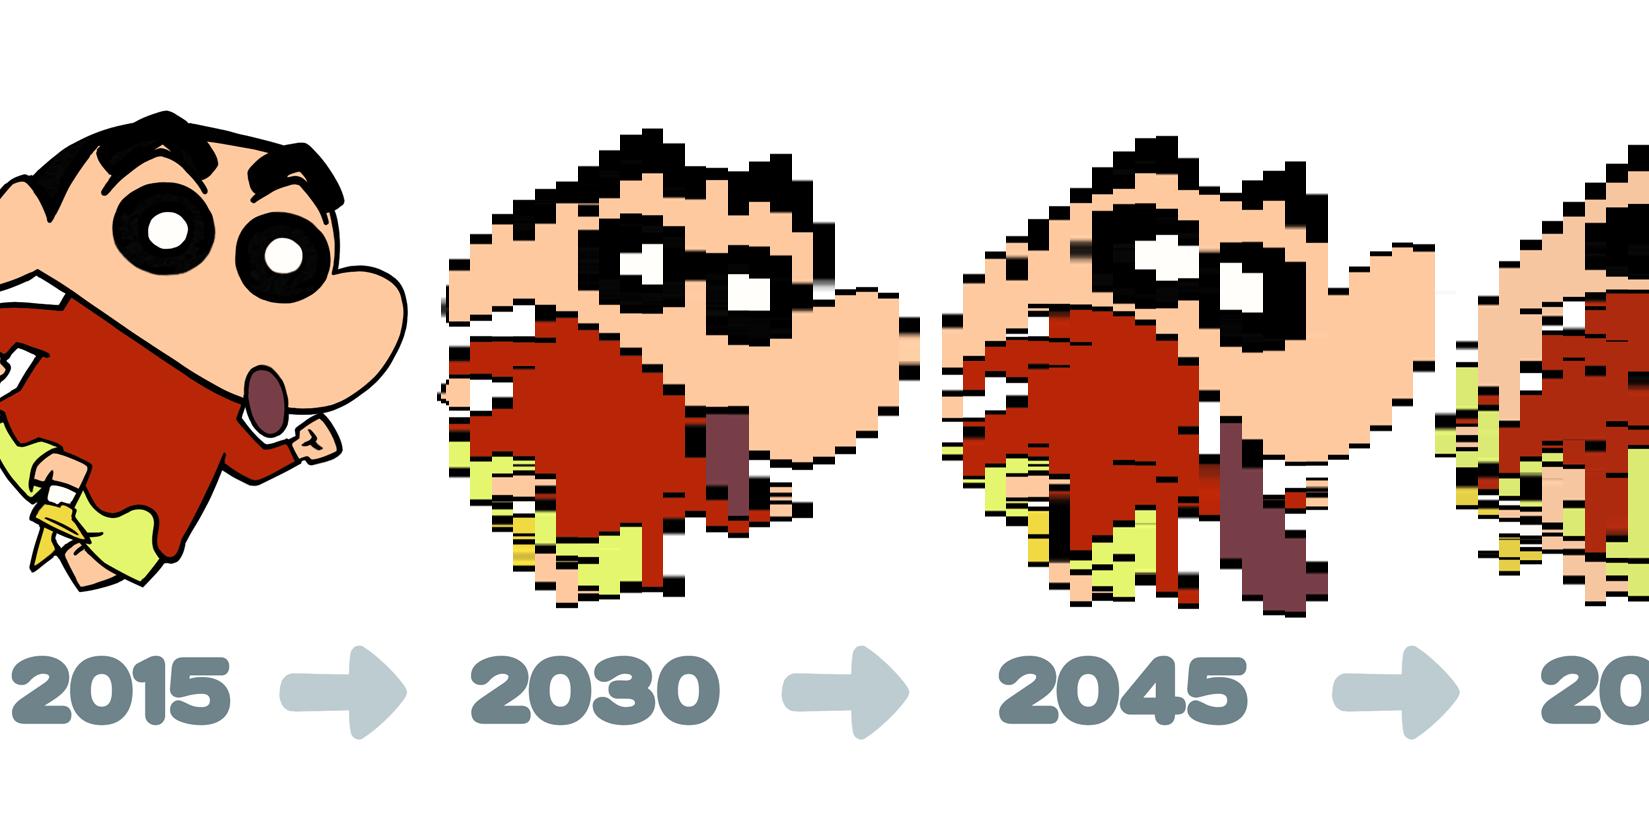 【閲覧注意!】200年後の「クレヨンしんちゃん」予想図が狂気の沙汰の件